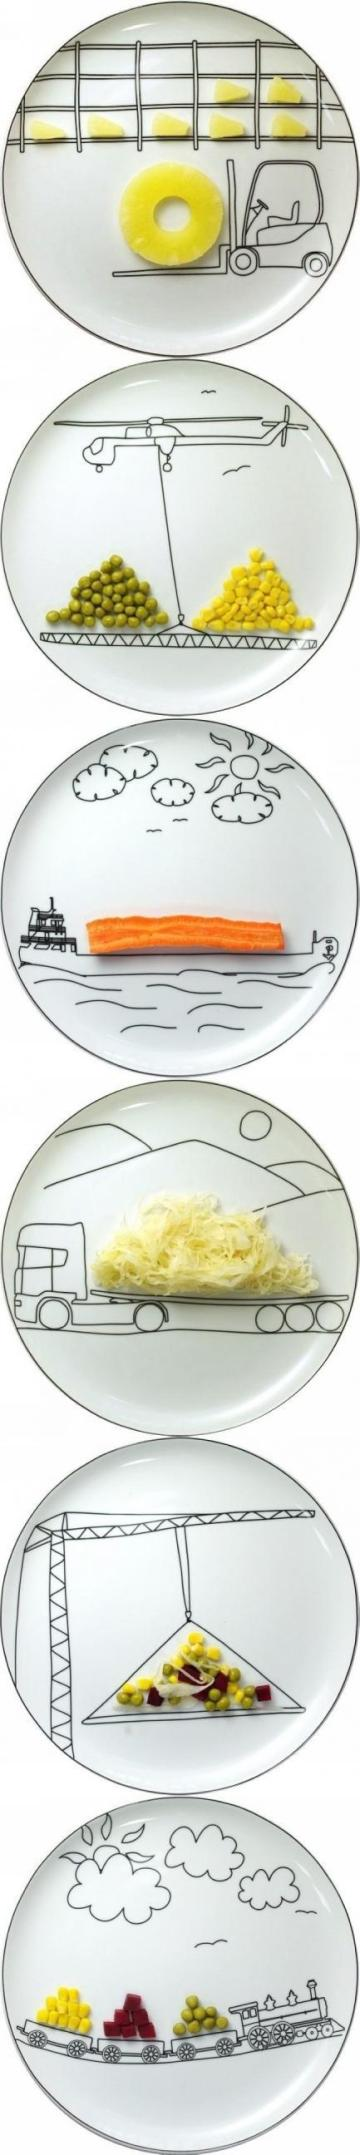 fun plates